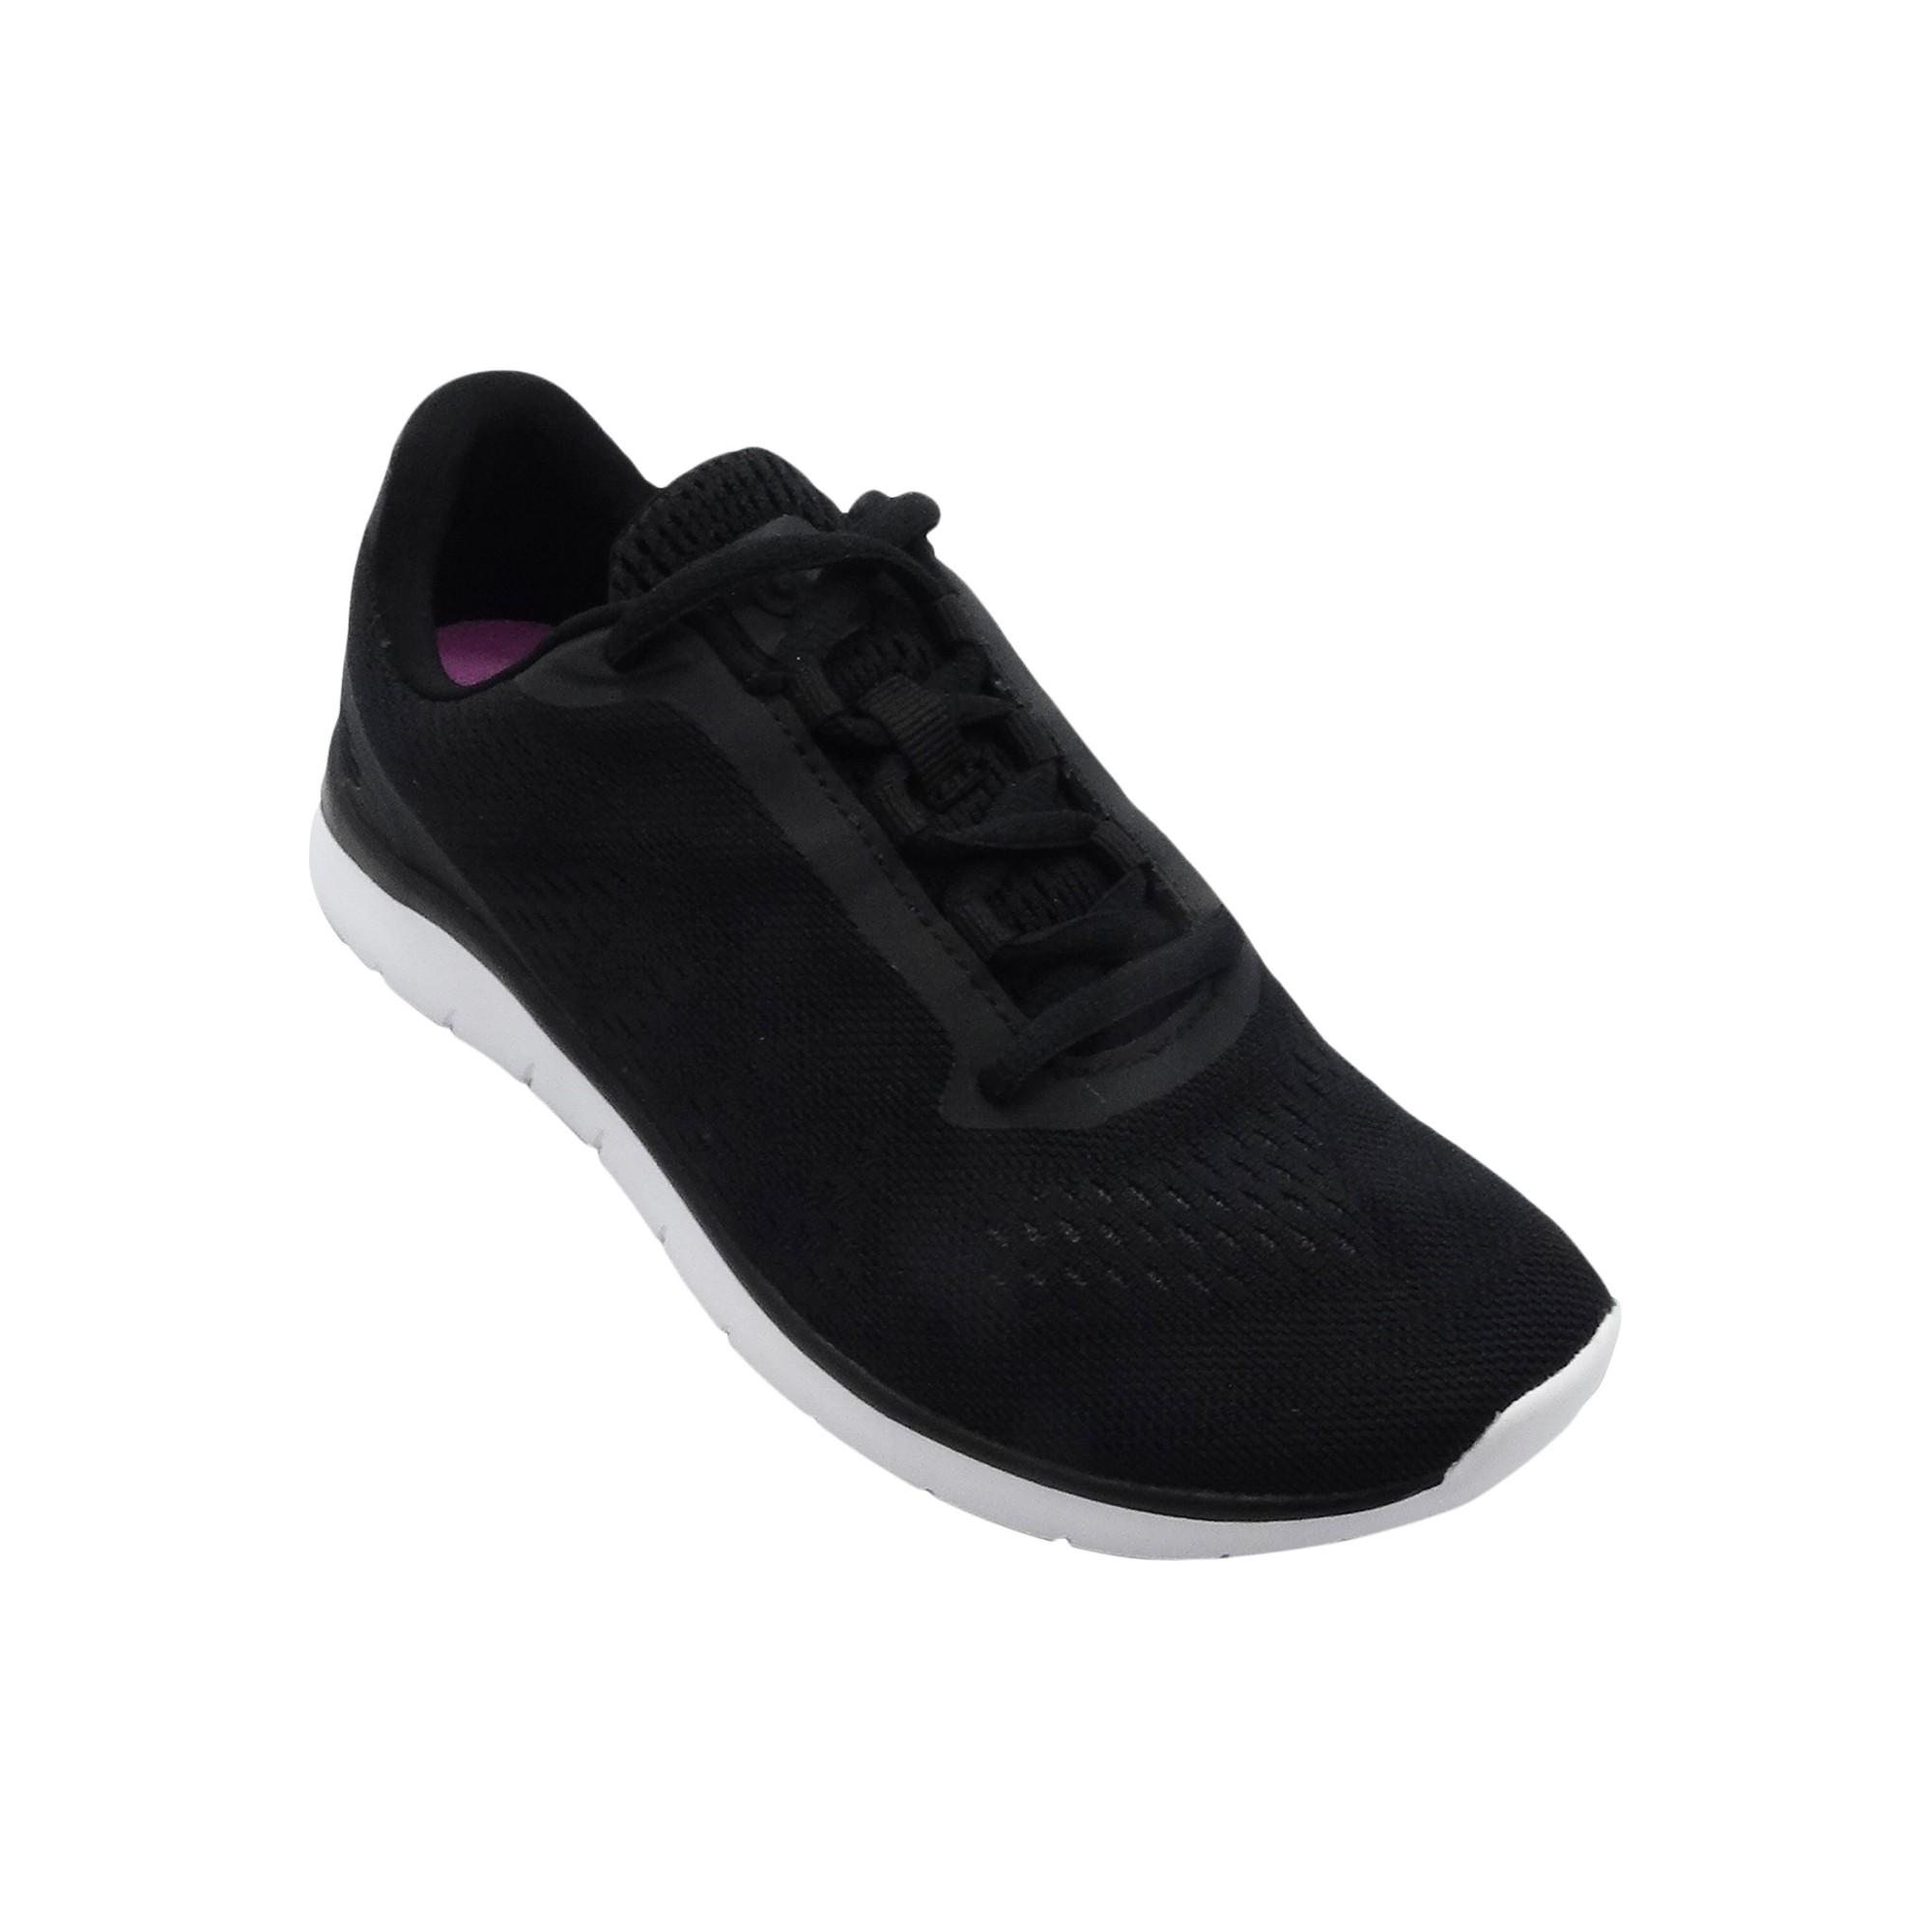 Women s Drive 3 Performance Athletic Shoes 9.5 - C9 Champion Black ... 3409d7208